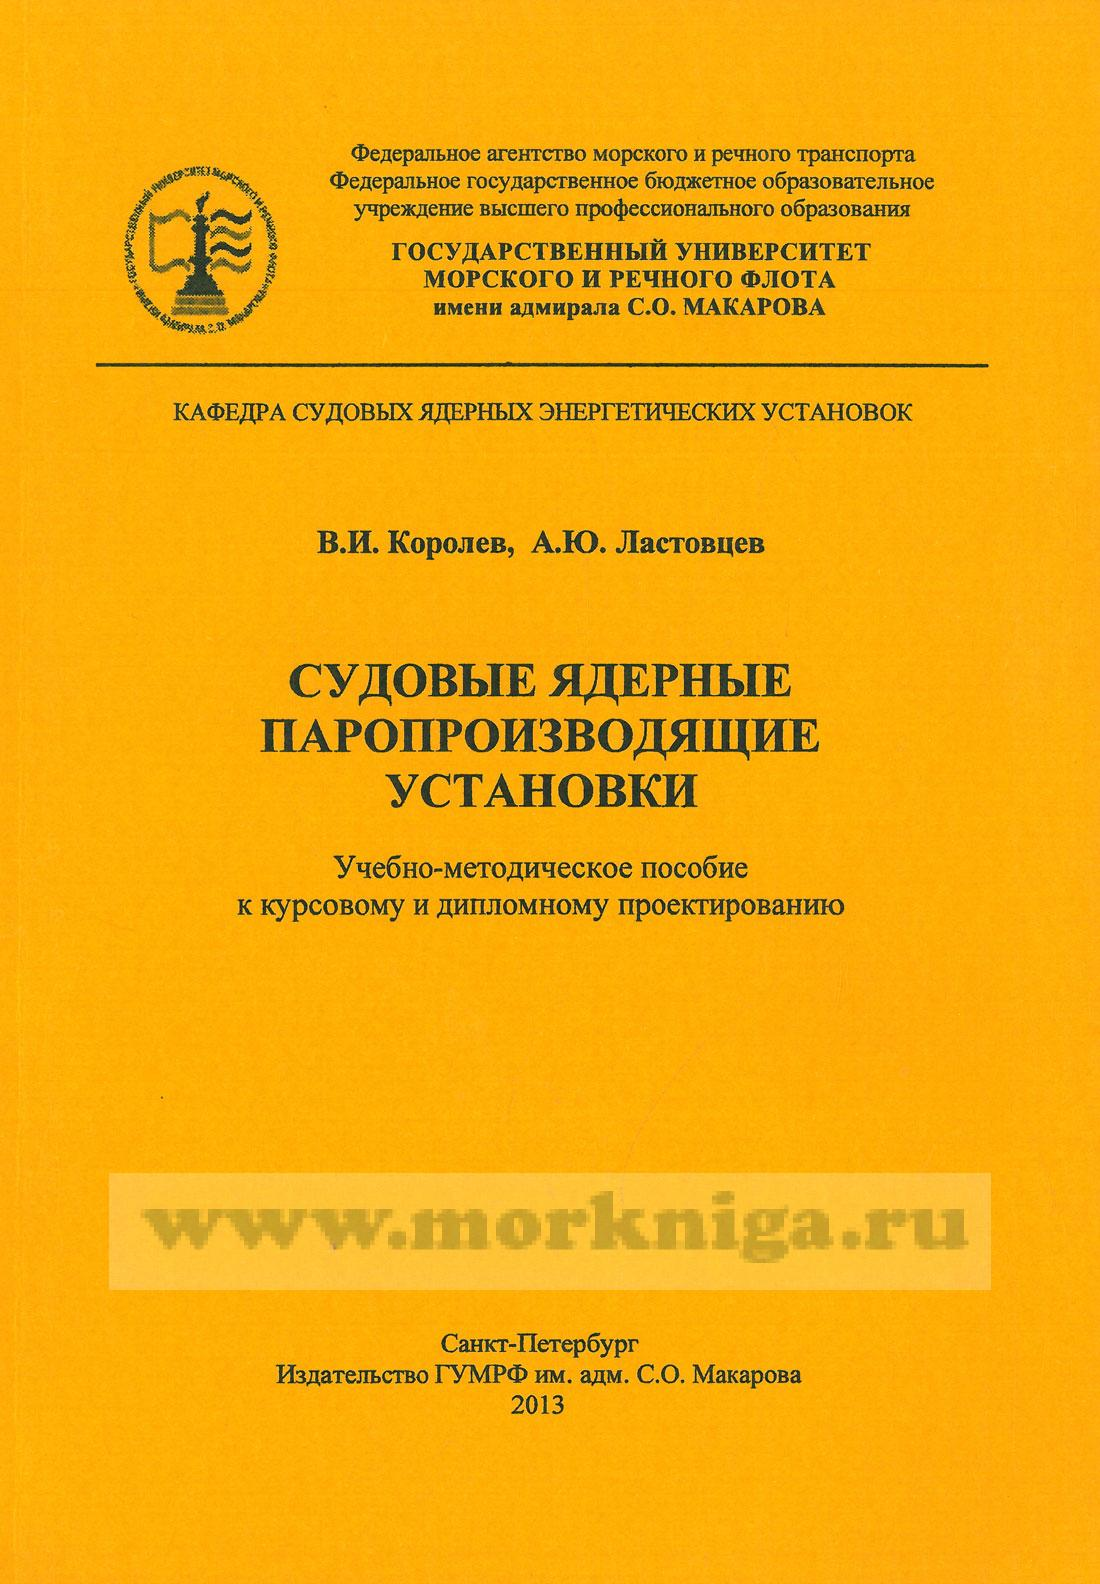 Судовые ядерные паропроизводящие установки: учебно-методическое пособие к курсовому и дипломному проектированию